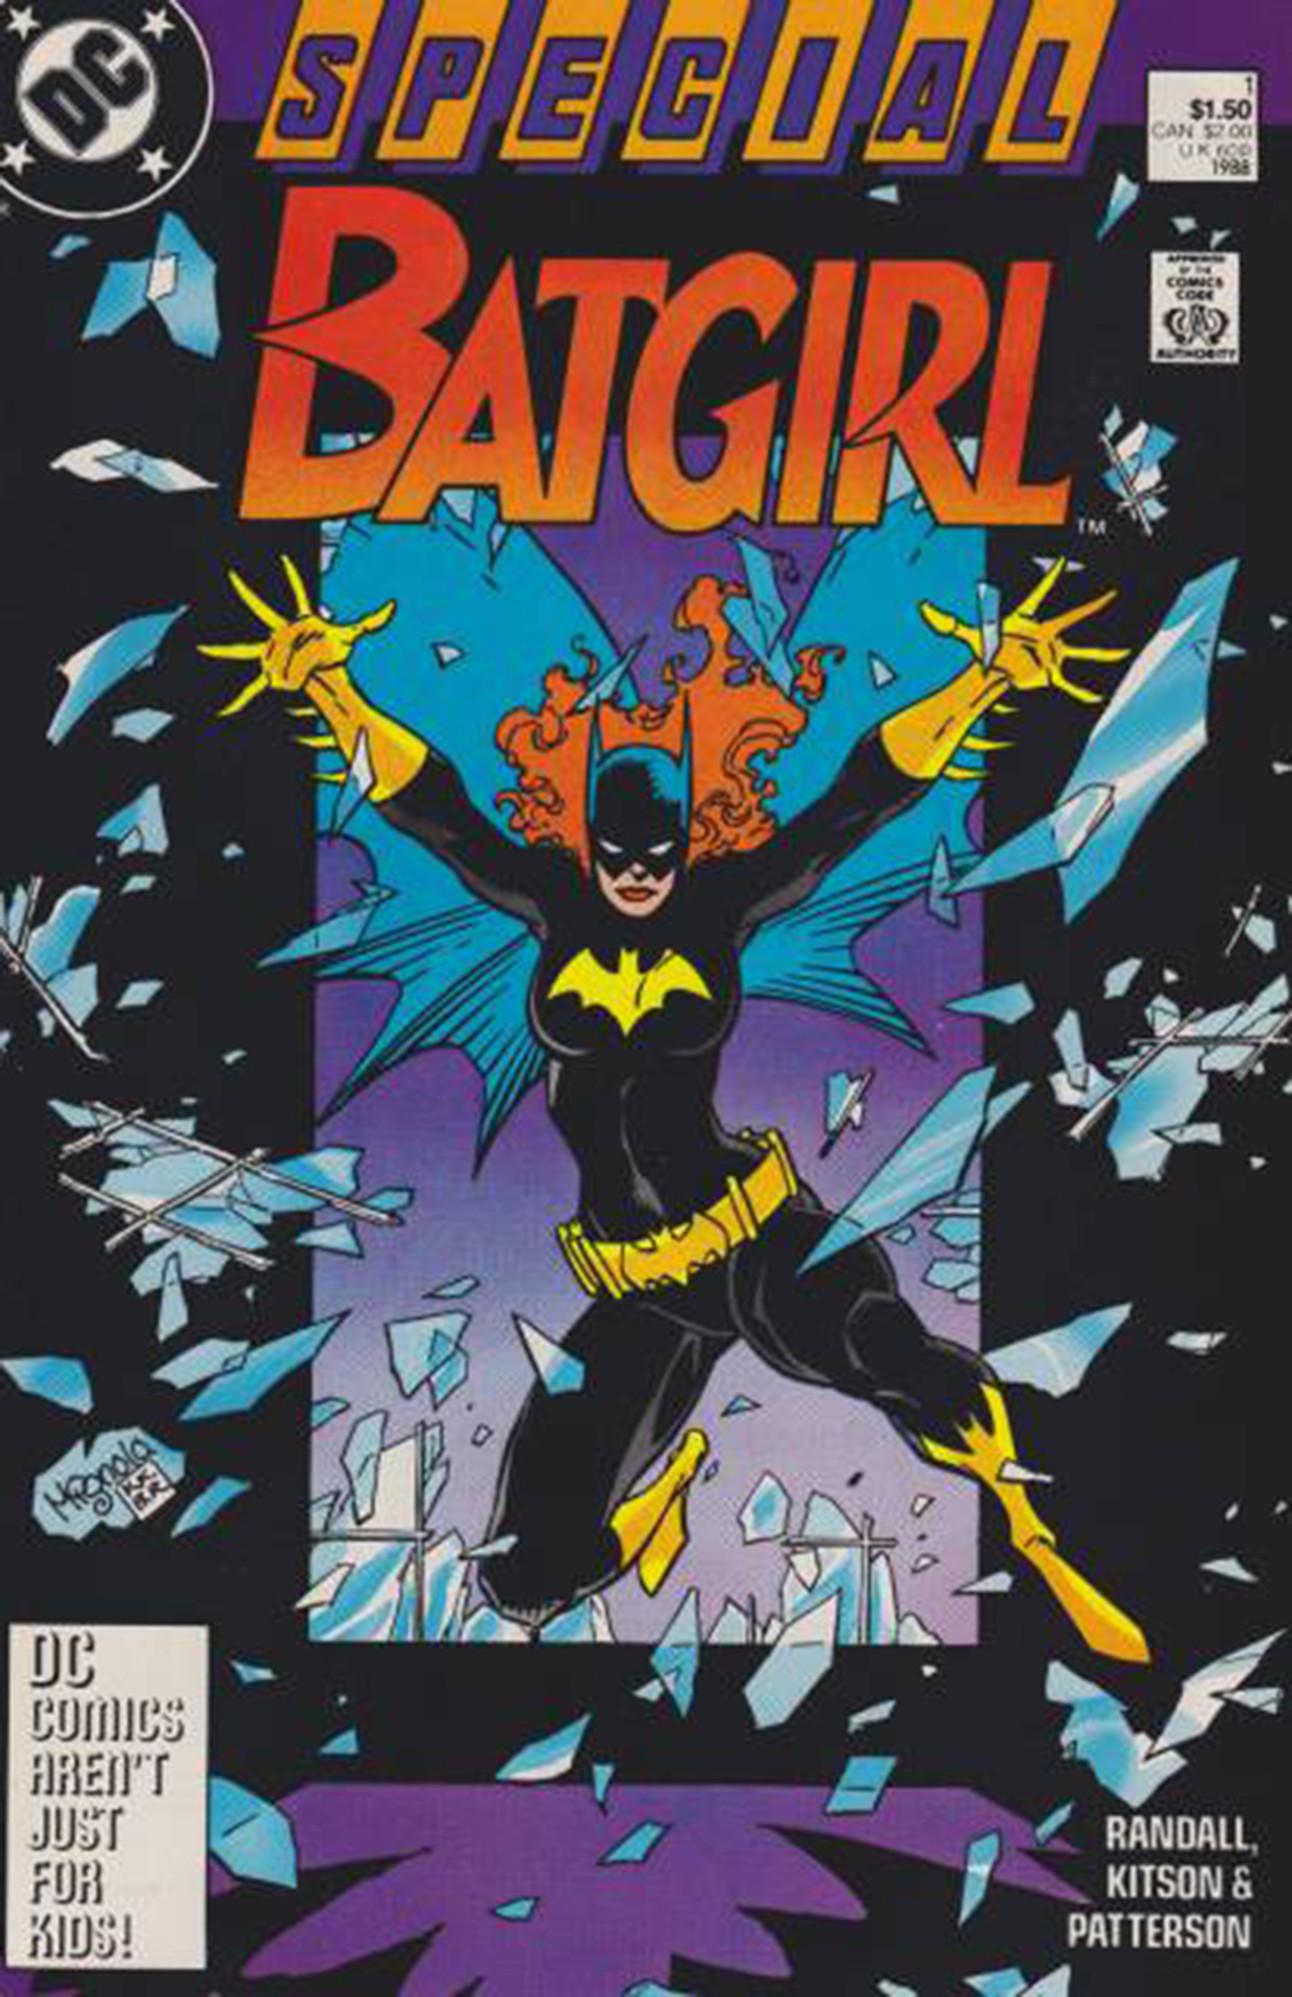 BatgirlSpecial.jpg